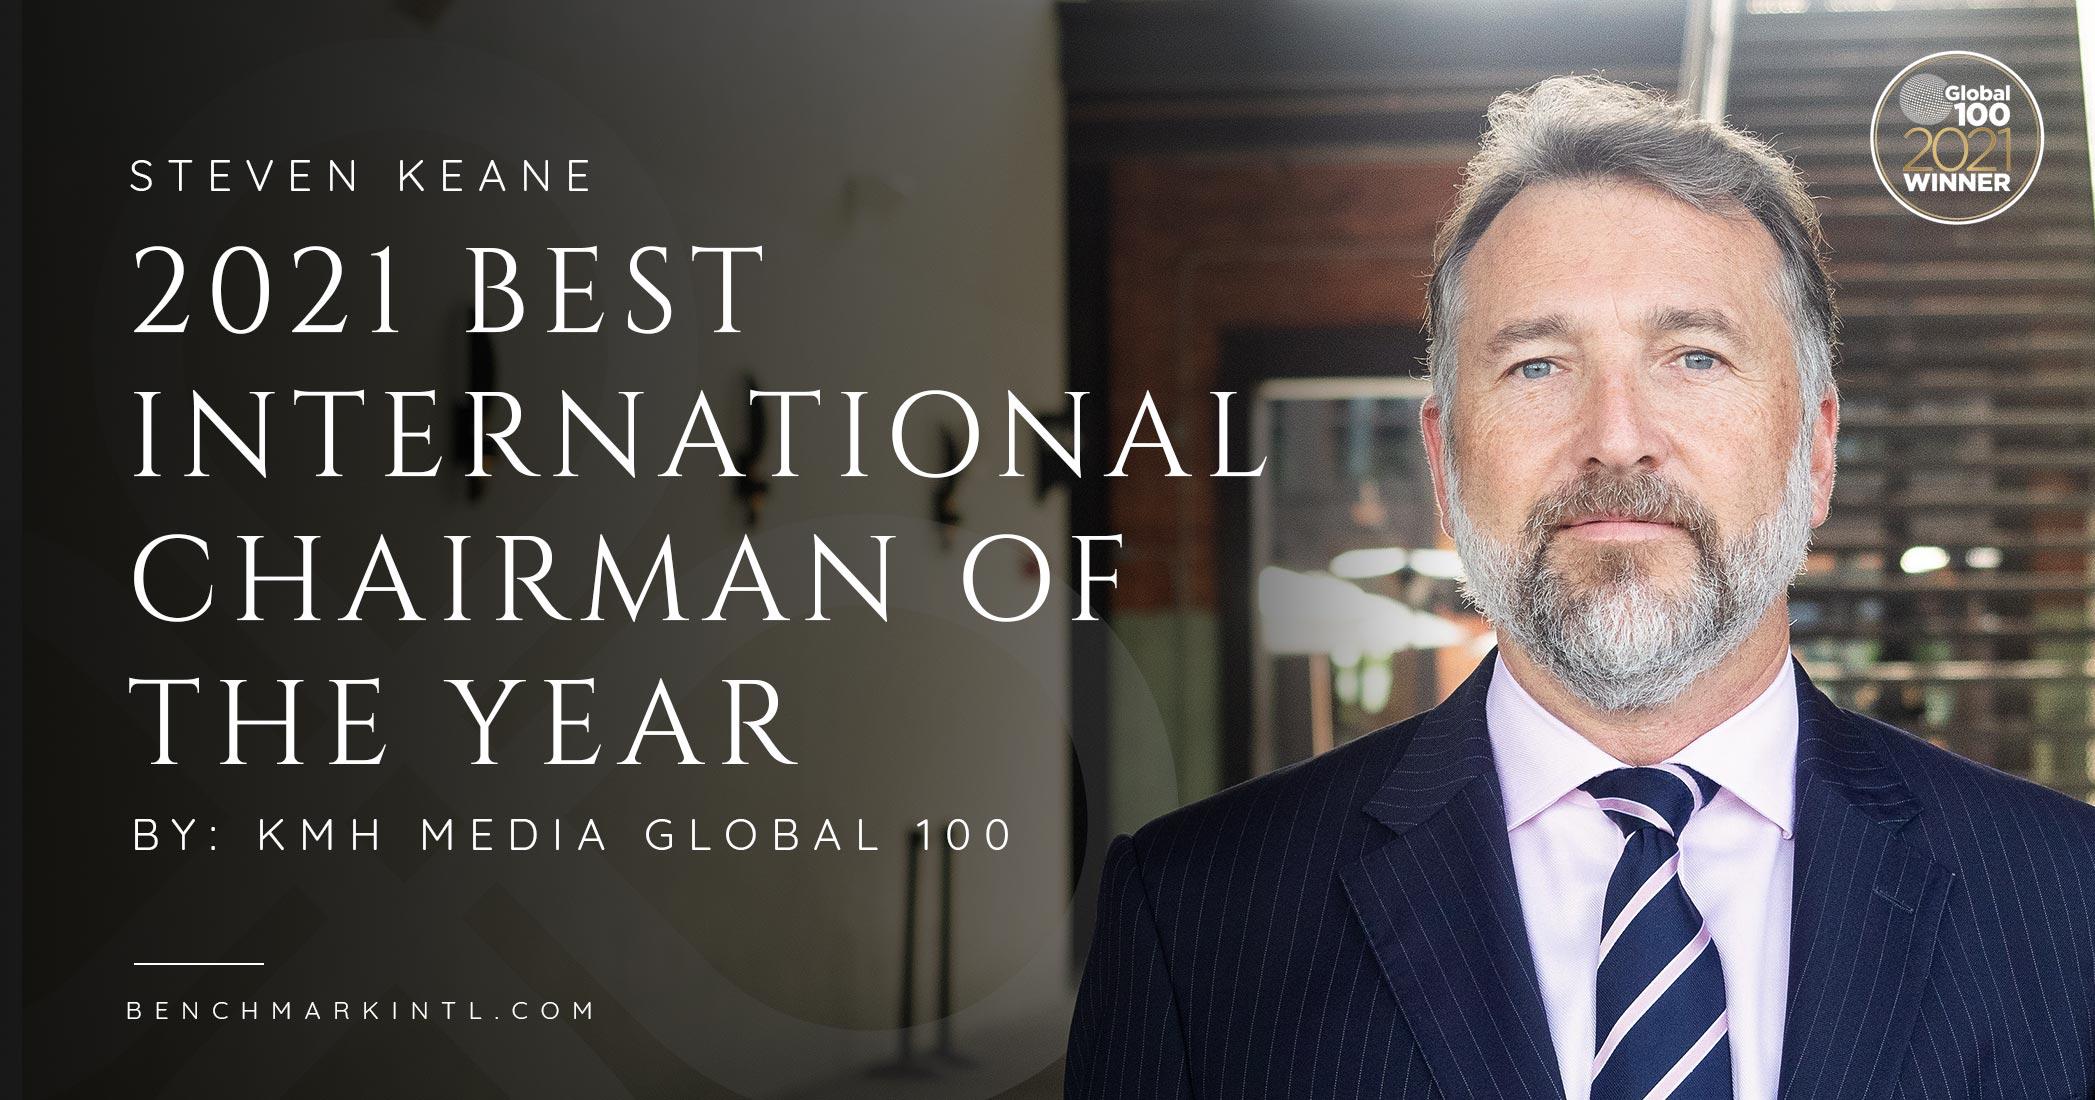 The Global 100: Benchmark International's Steven Keane Named Best International Chairman of the Year